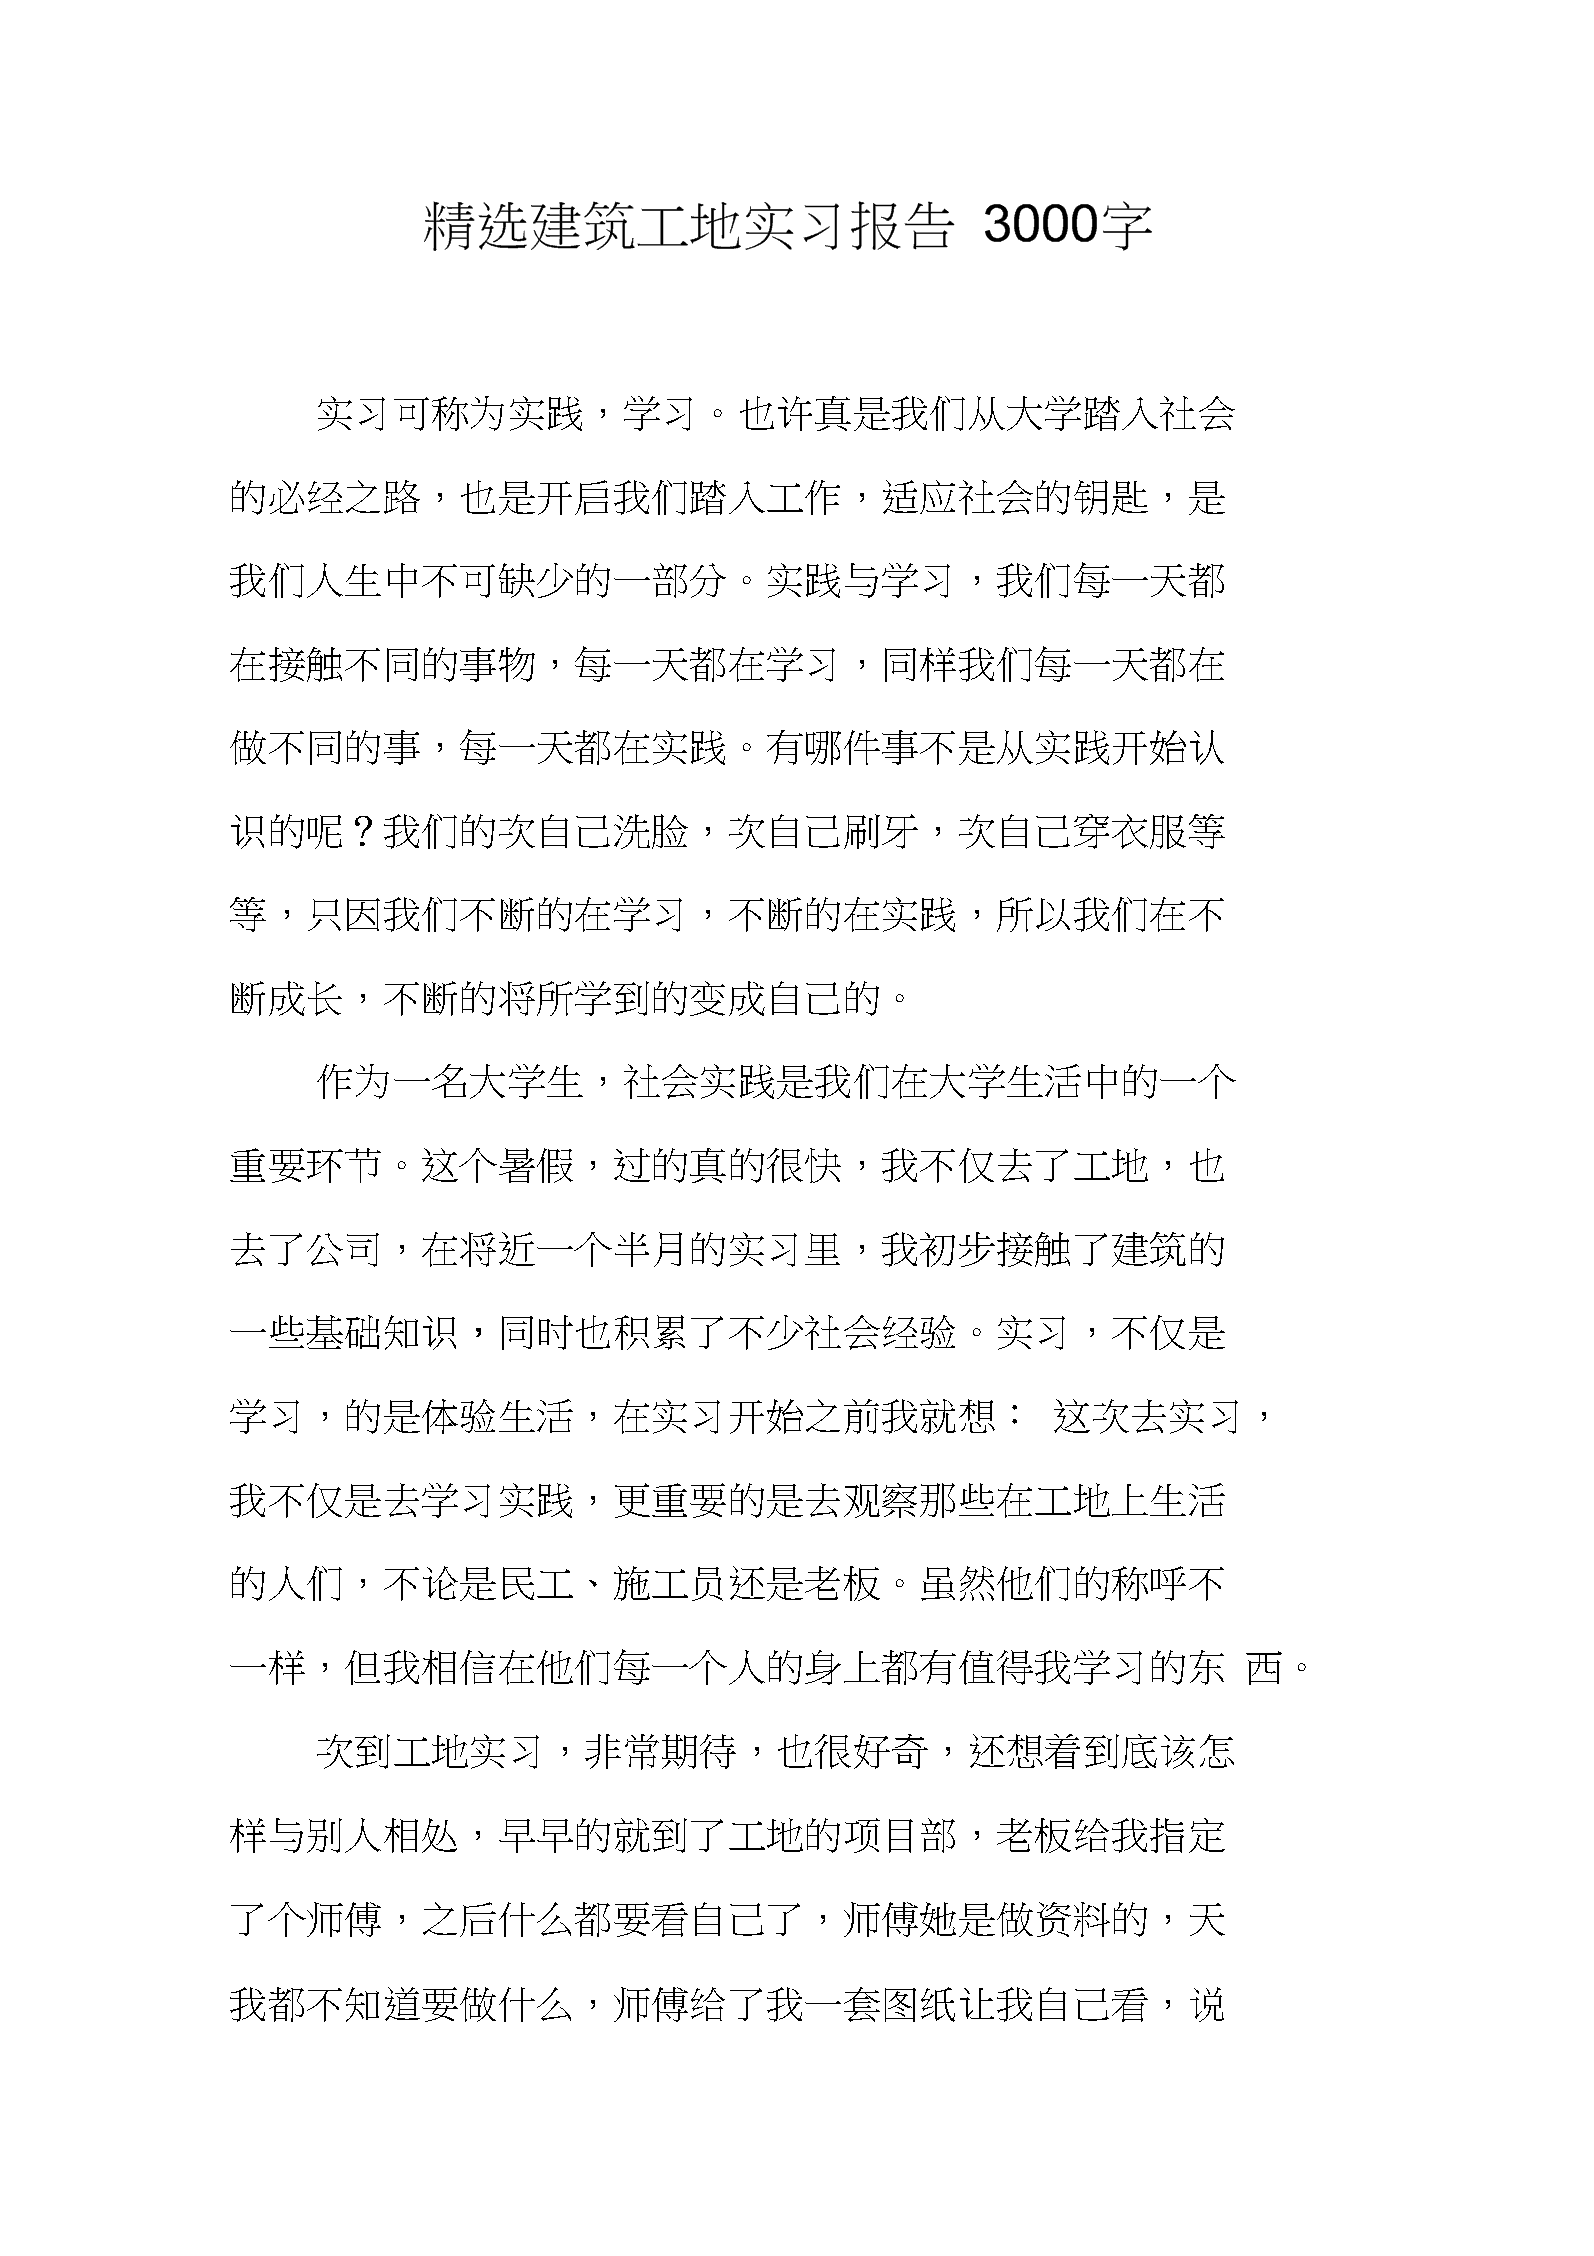 精选建筑工地实习报告3000字.docx